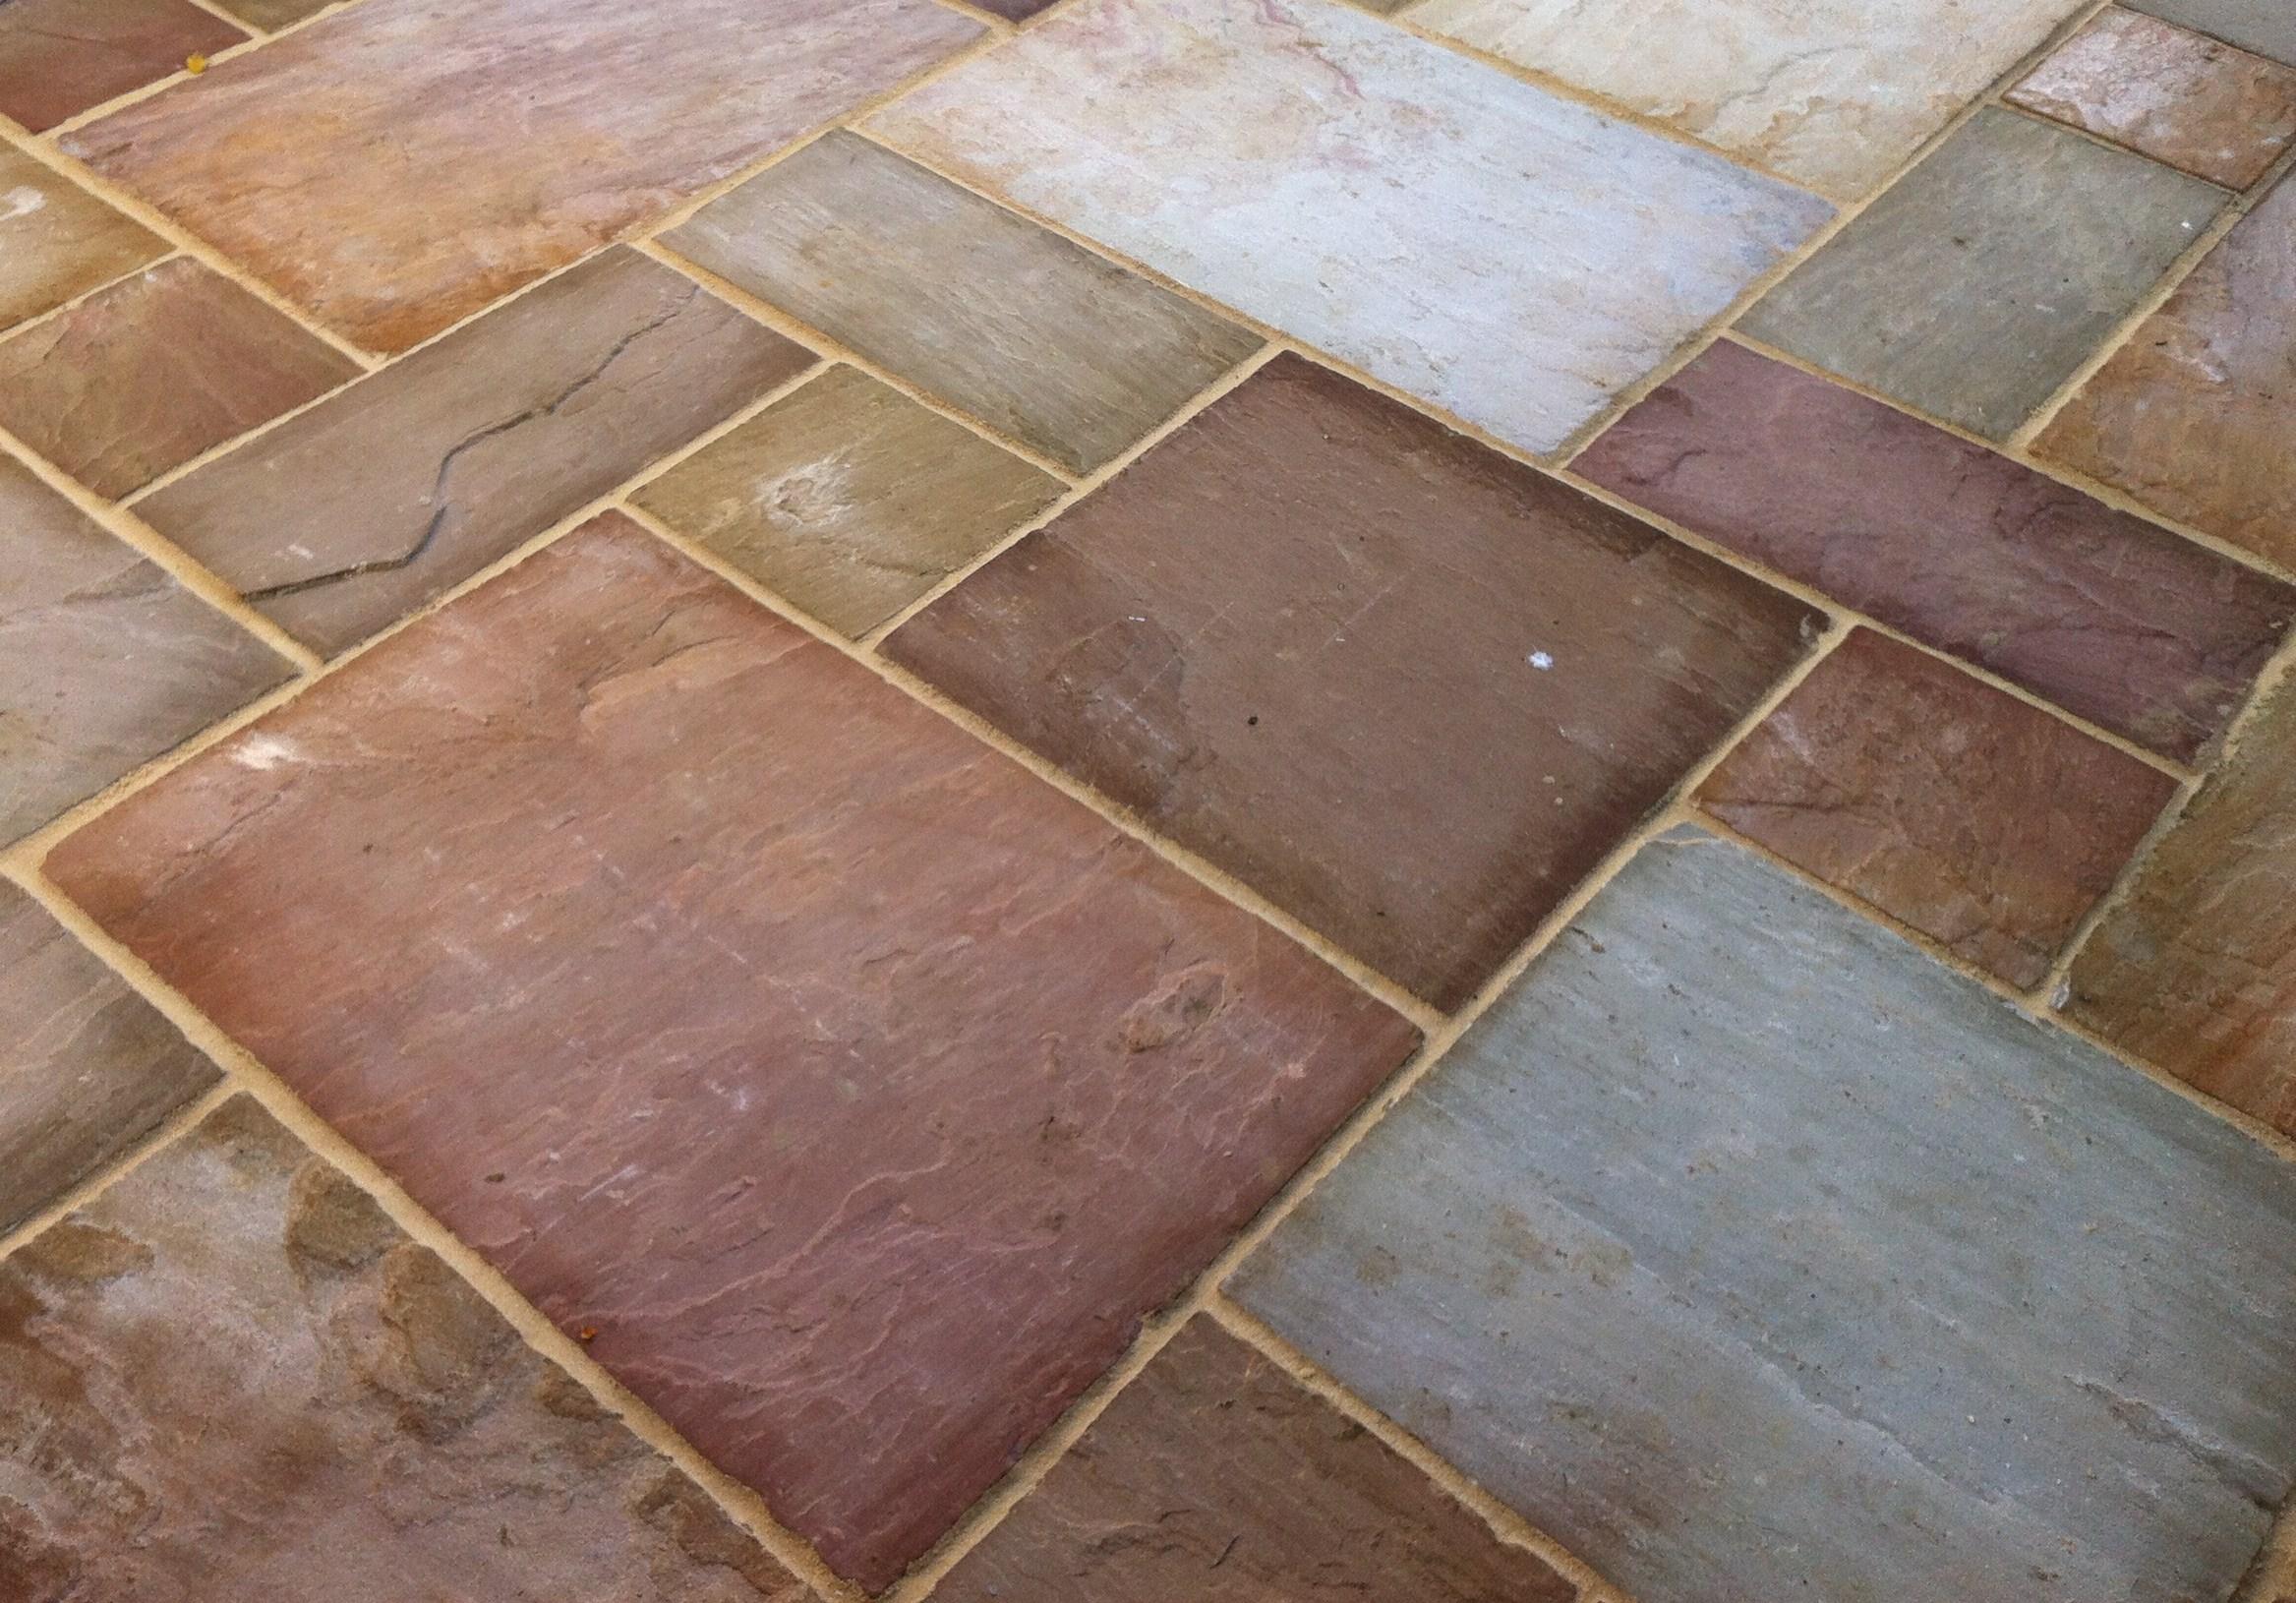 Natural sandstone slabs